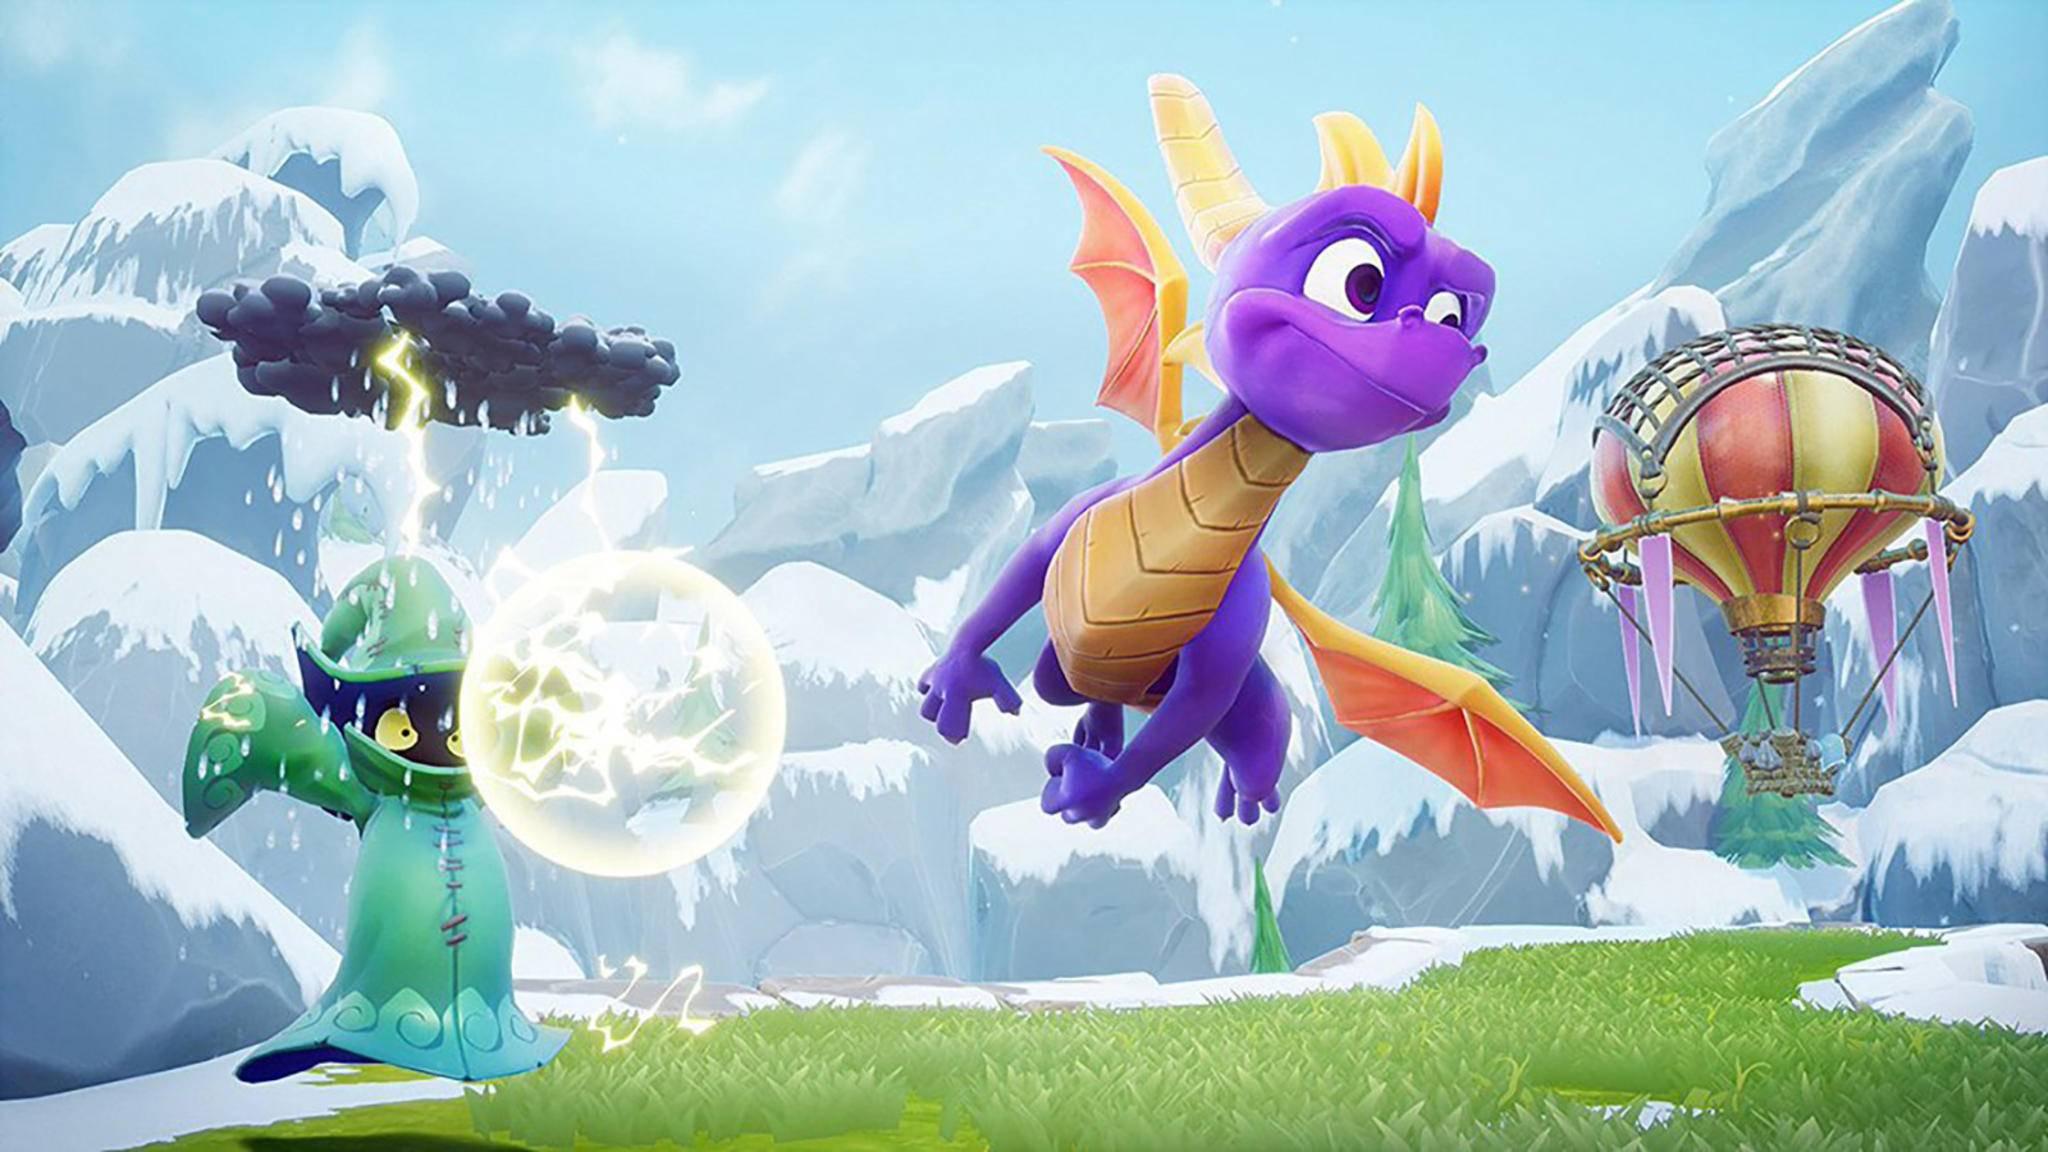 Zeigt dieses im Netz aufgetauchte Bild schon den neuen Spyro?